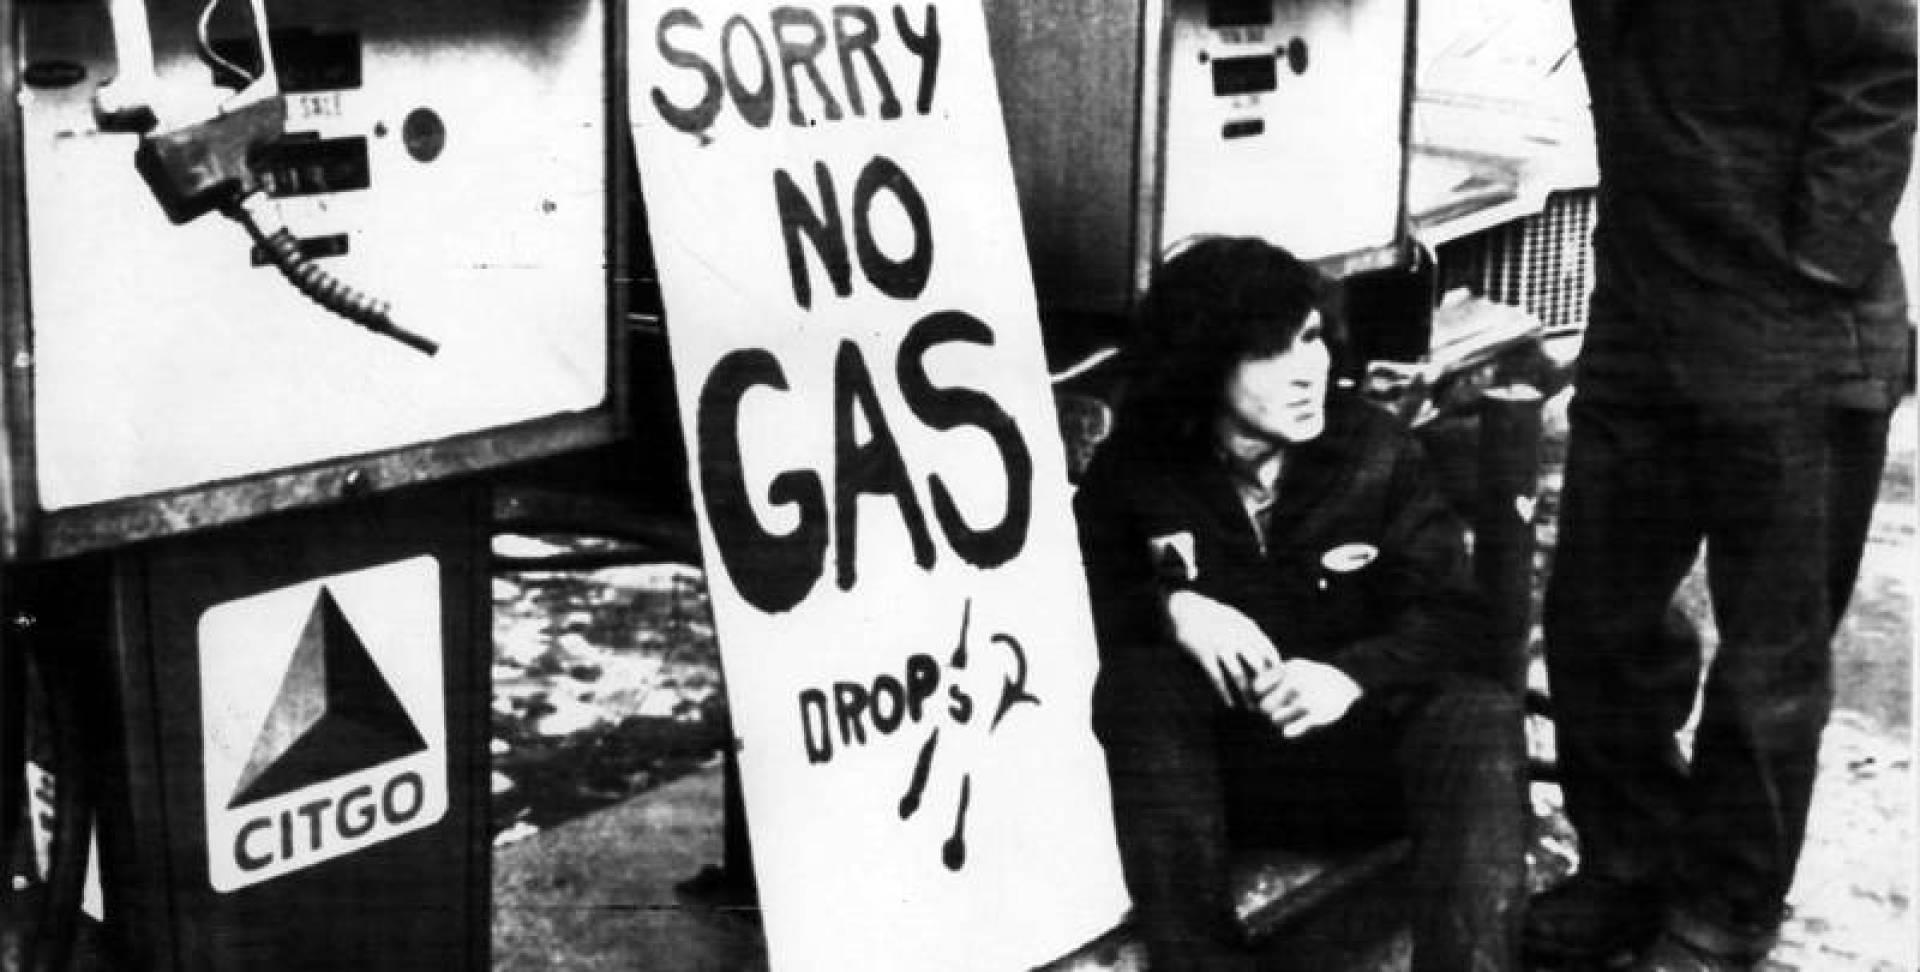 «نأسف لعدم توافر البنزين». إنها أزمة الطاقة!